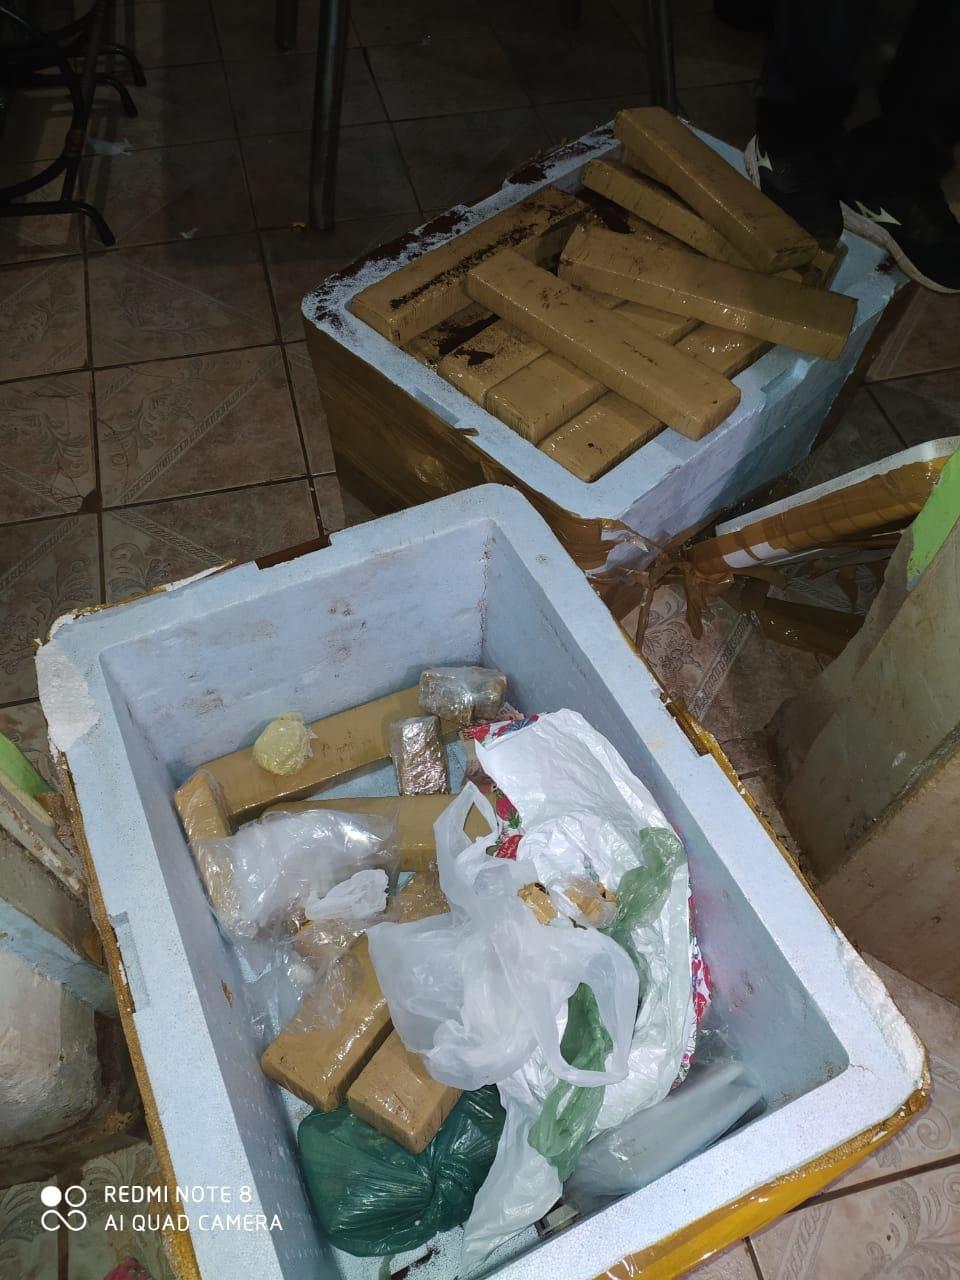 Operação prende grandes traficantes e apreende 67kg de drogas no PI - Imagem 4